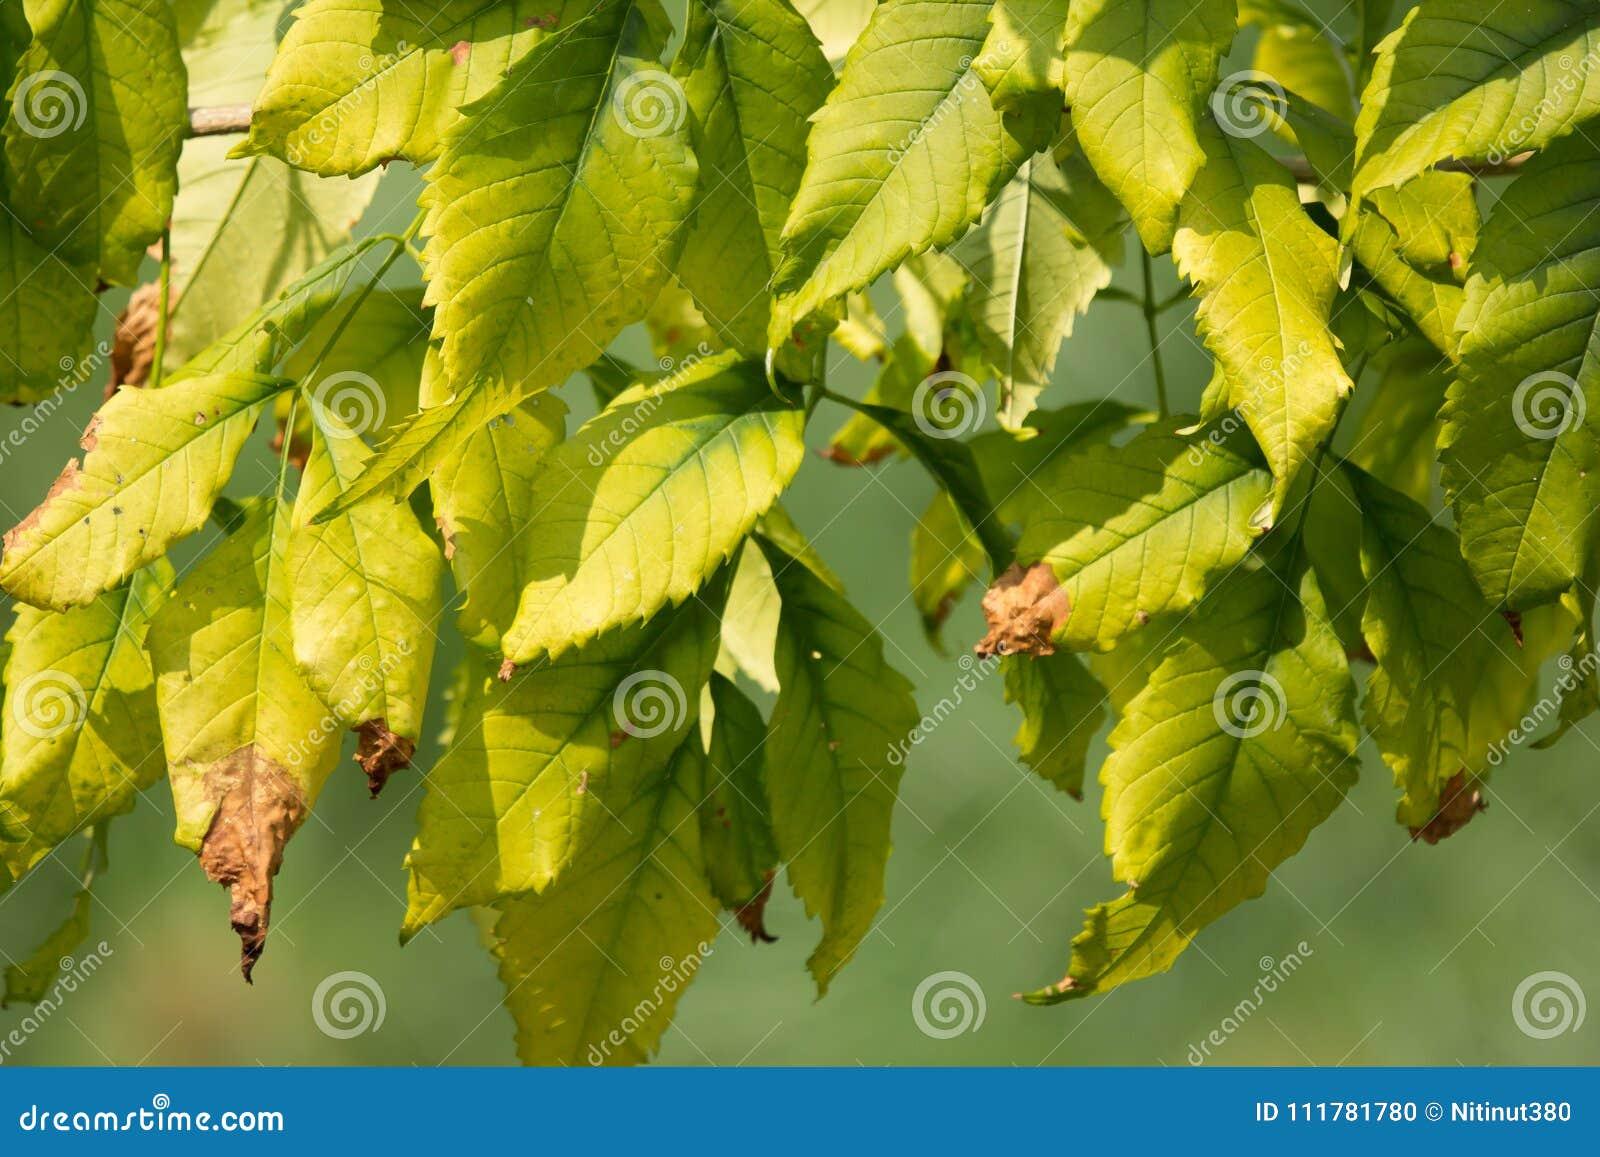 Slut upp av det gröna bladet av den gula fläderblomman